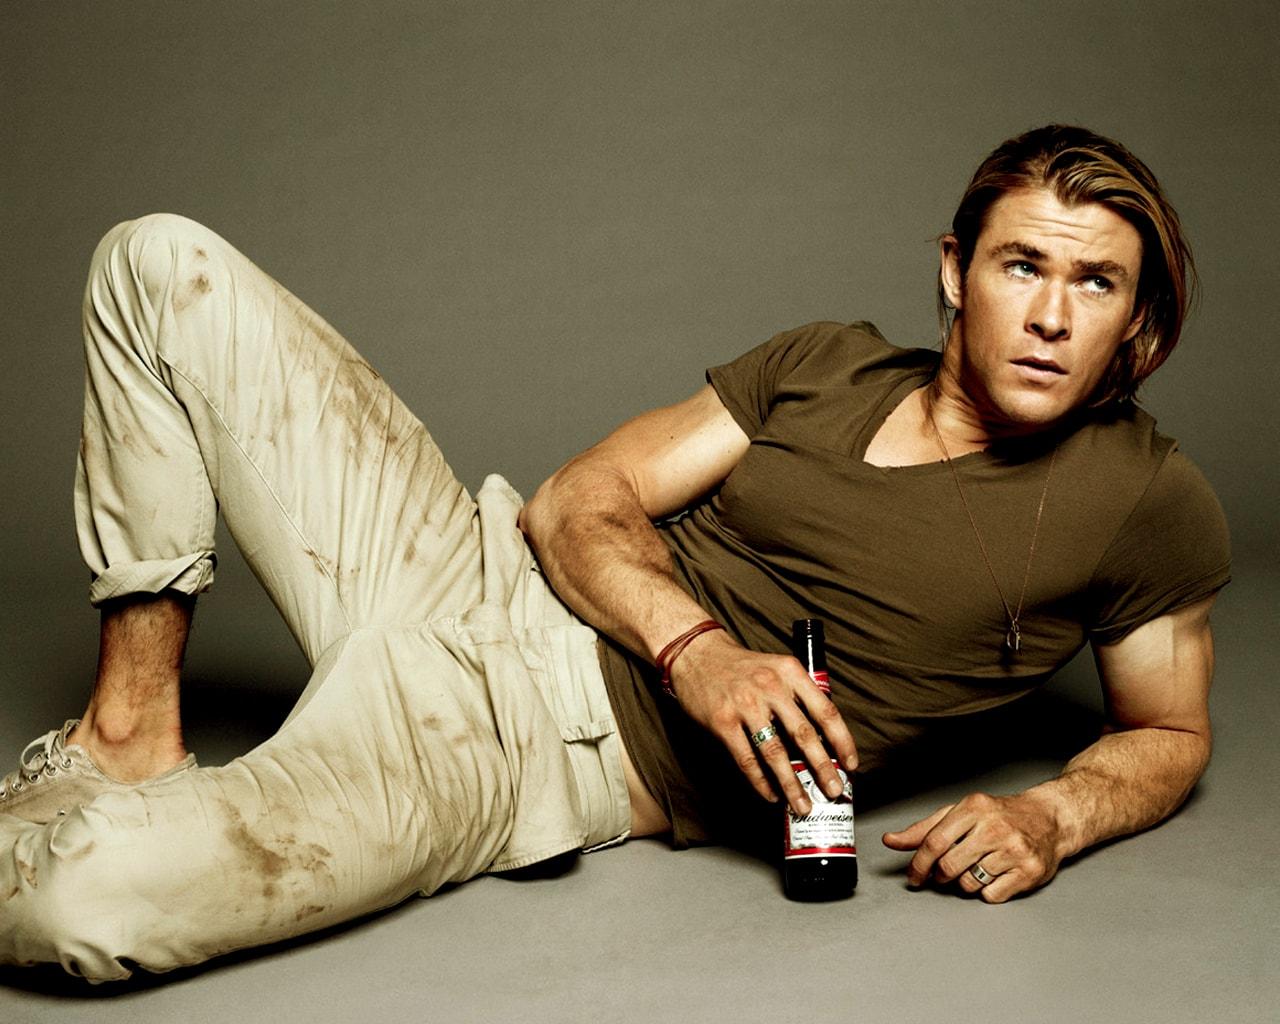 Chris Hemsworth for mobile